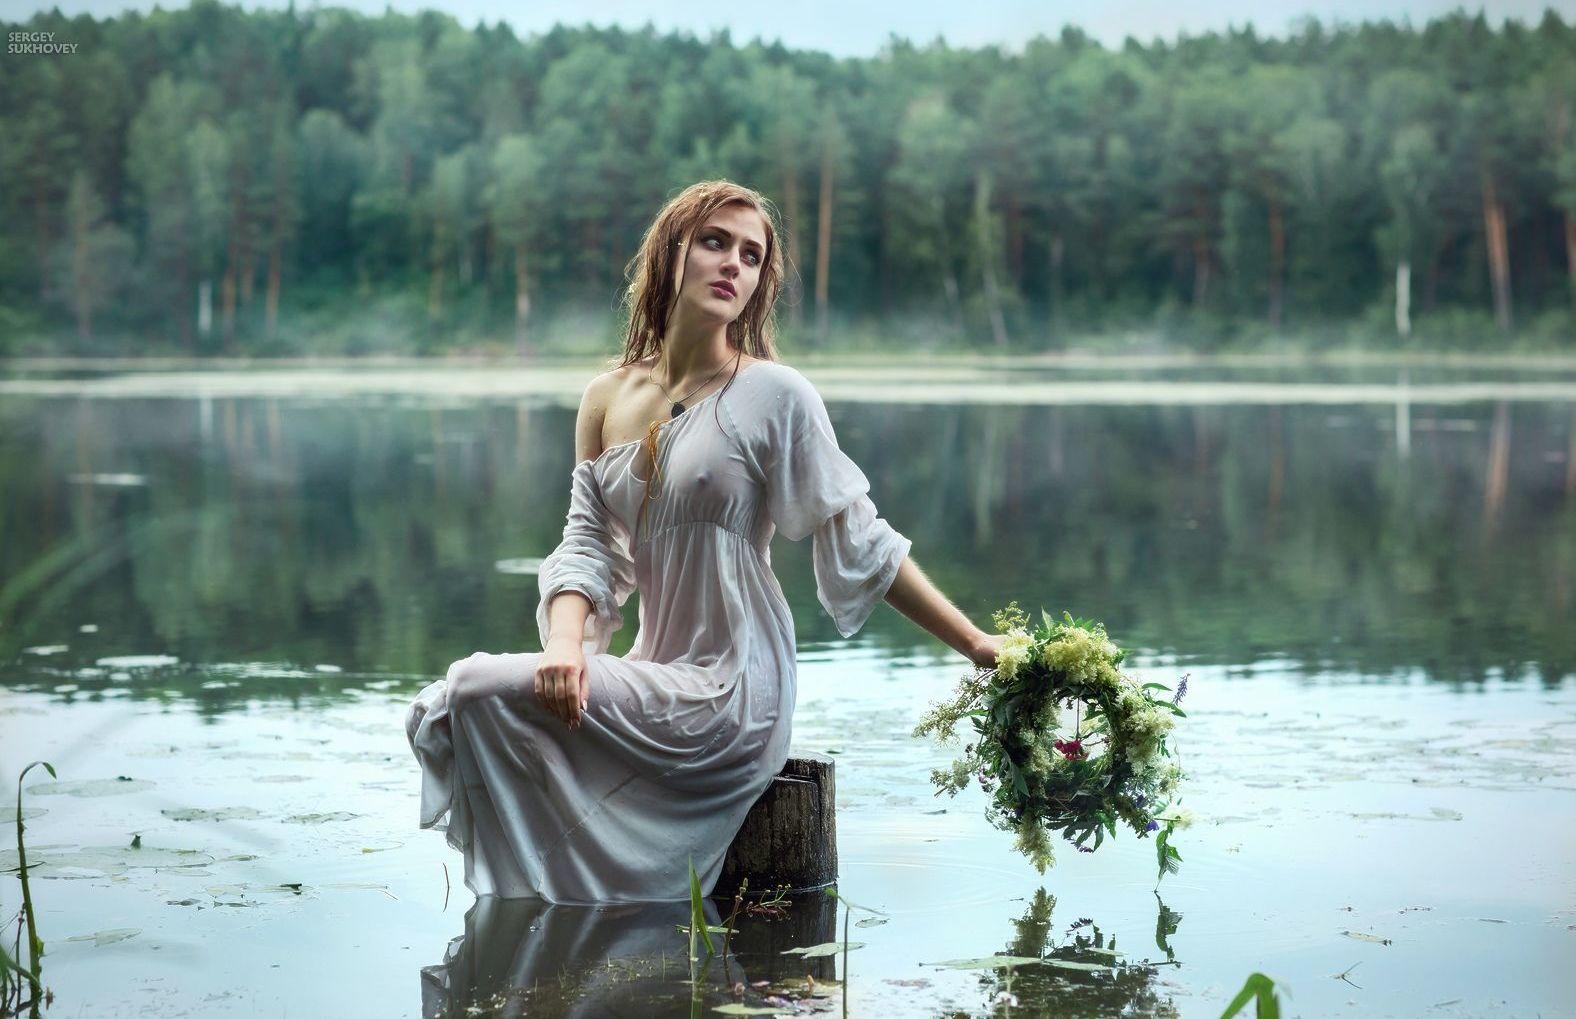 Fotografie z projektu Čarodějnice Sergeje Suchověje